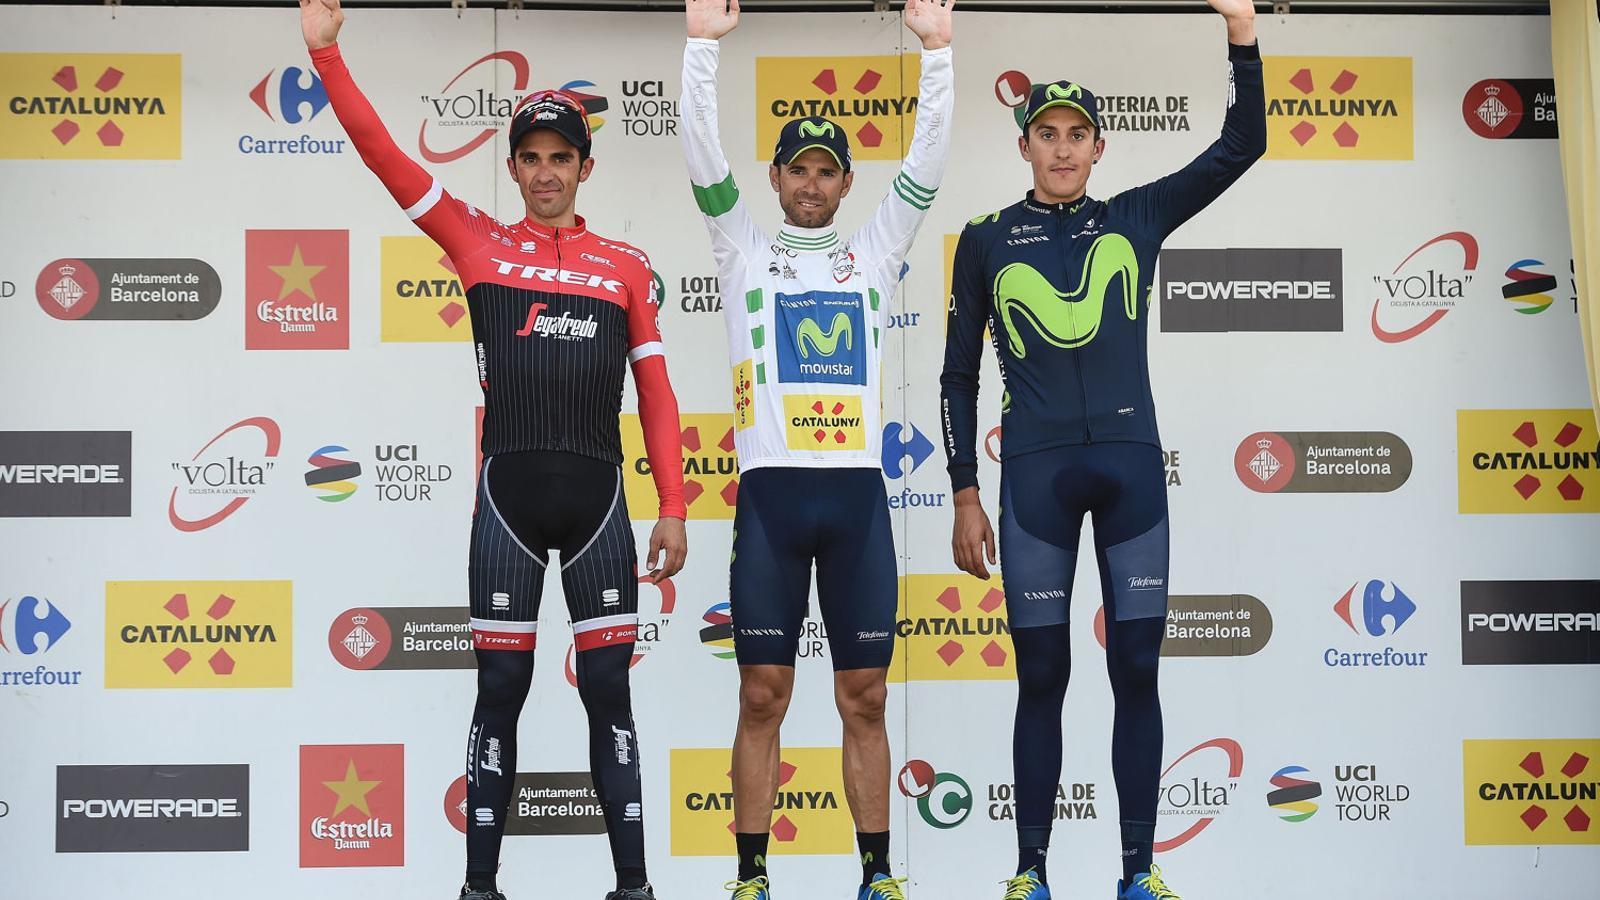 ¿Cuánto mide Alejandro Valverde? - Altura - Real height Alberto-Contador-Alejandro-Valverde-Catalunya_1766833314_39737969_1500x1001